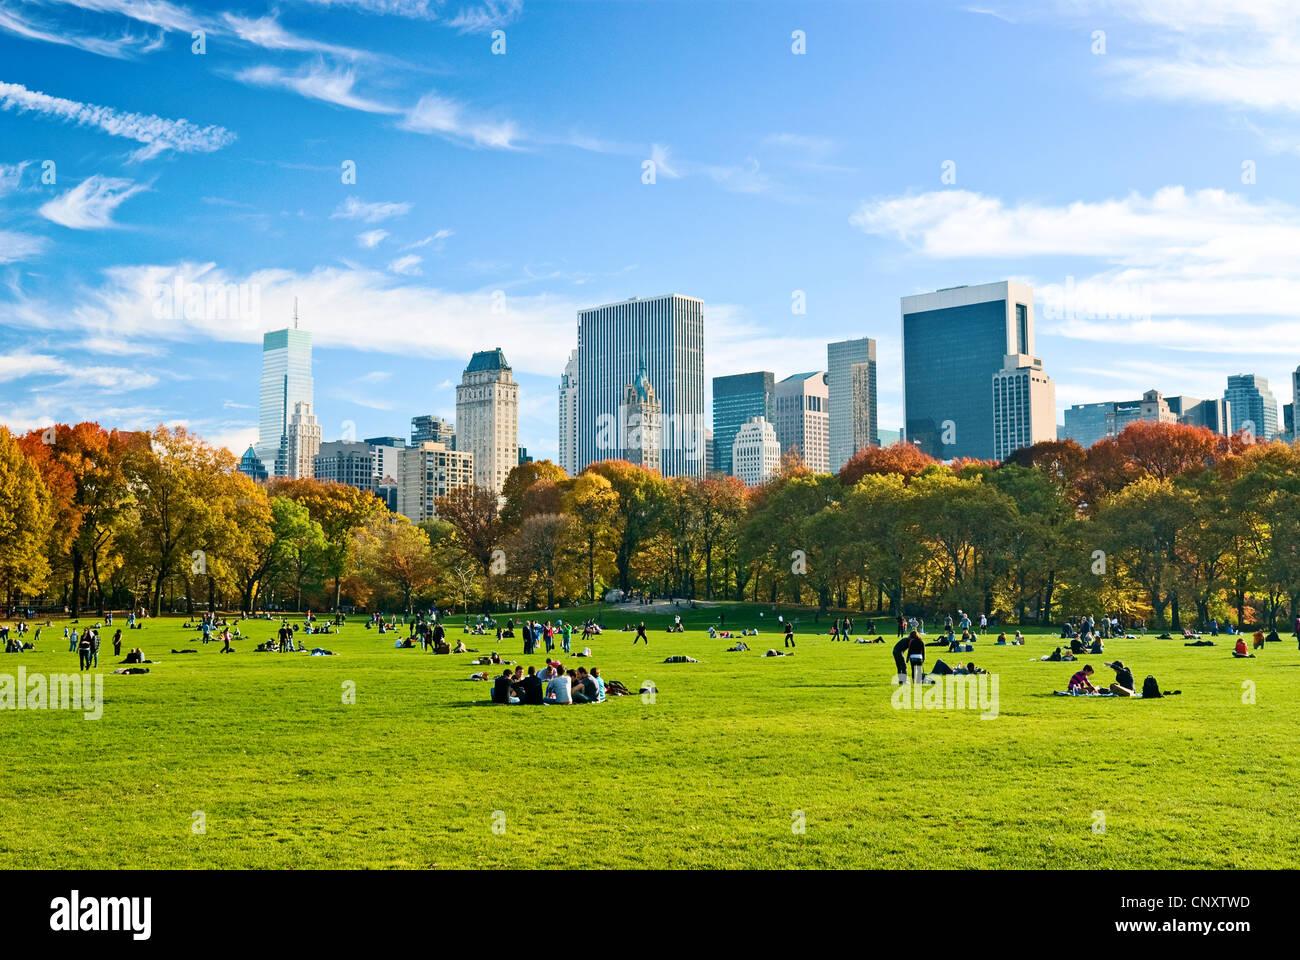 Central Park in New York City, im Herbst, mit Blick auf die Skyline von Central Park South von Sheep Meadow. Stockbild